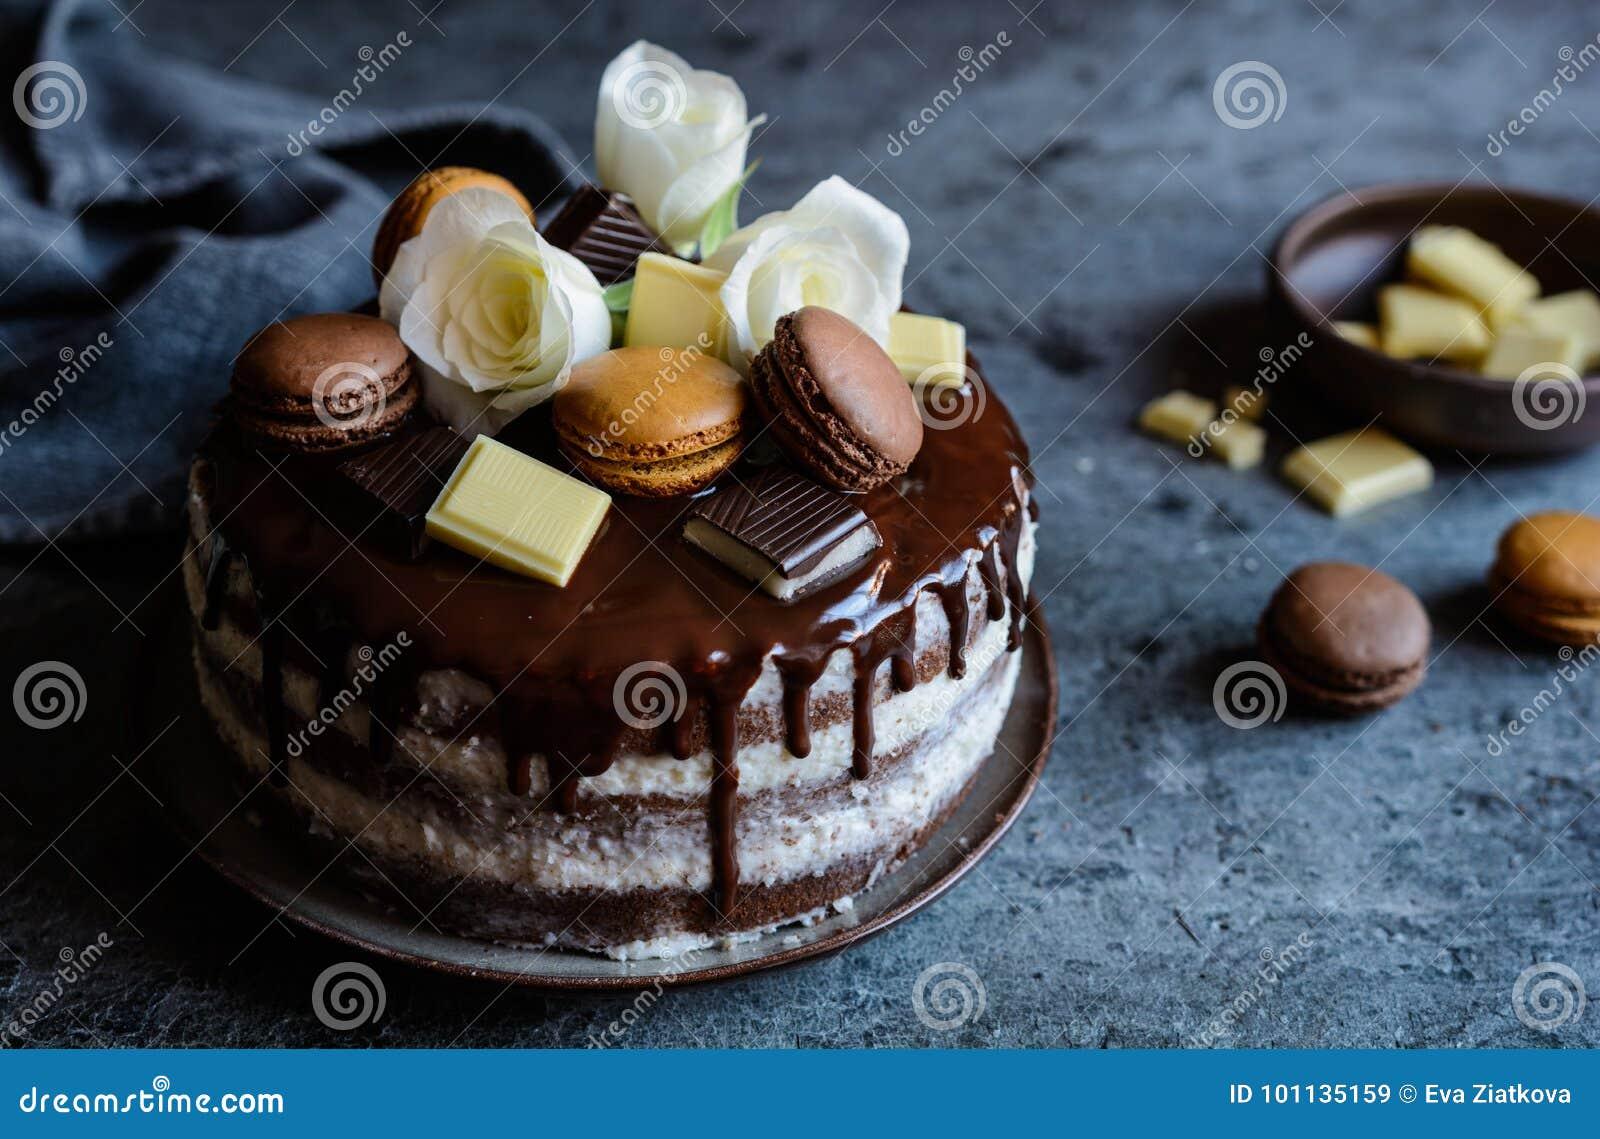 Nackter Kuchen Gefullt Mit Mascarpone Creme Uberstiegen Mit